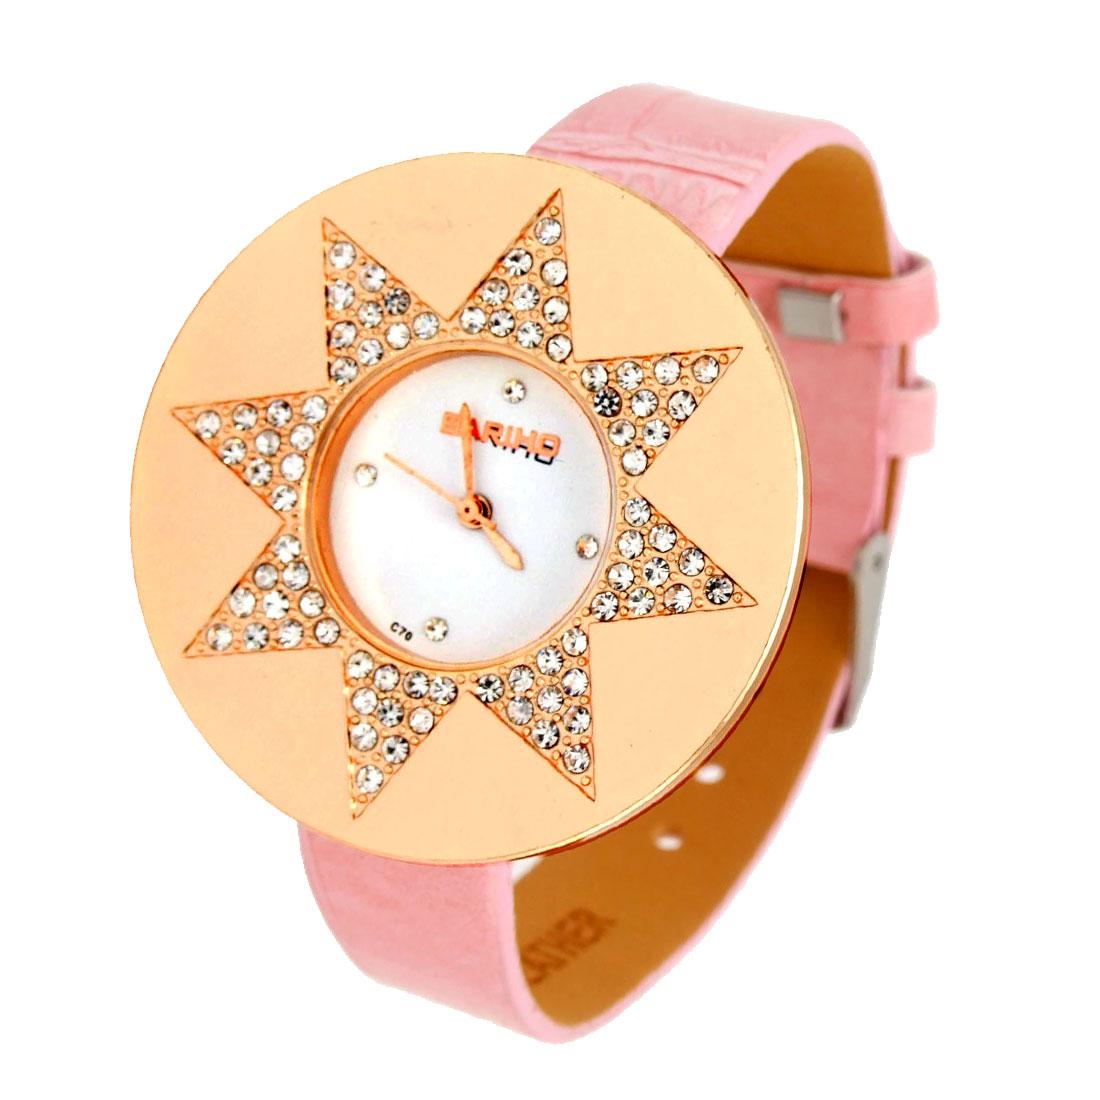 Fashion Jewelry Crystal Style Star Pink Leather Lady Quartz Wristwatch